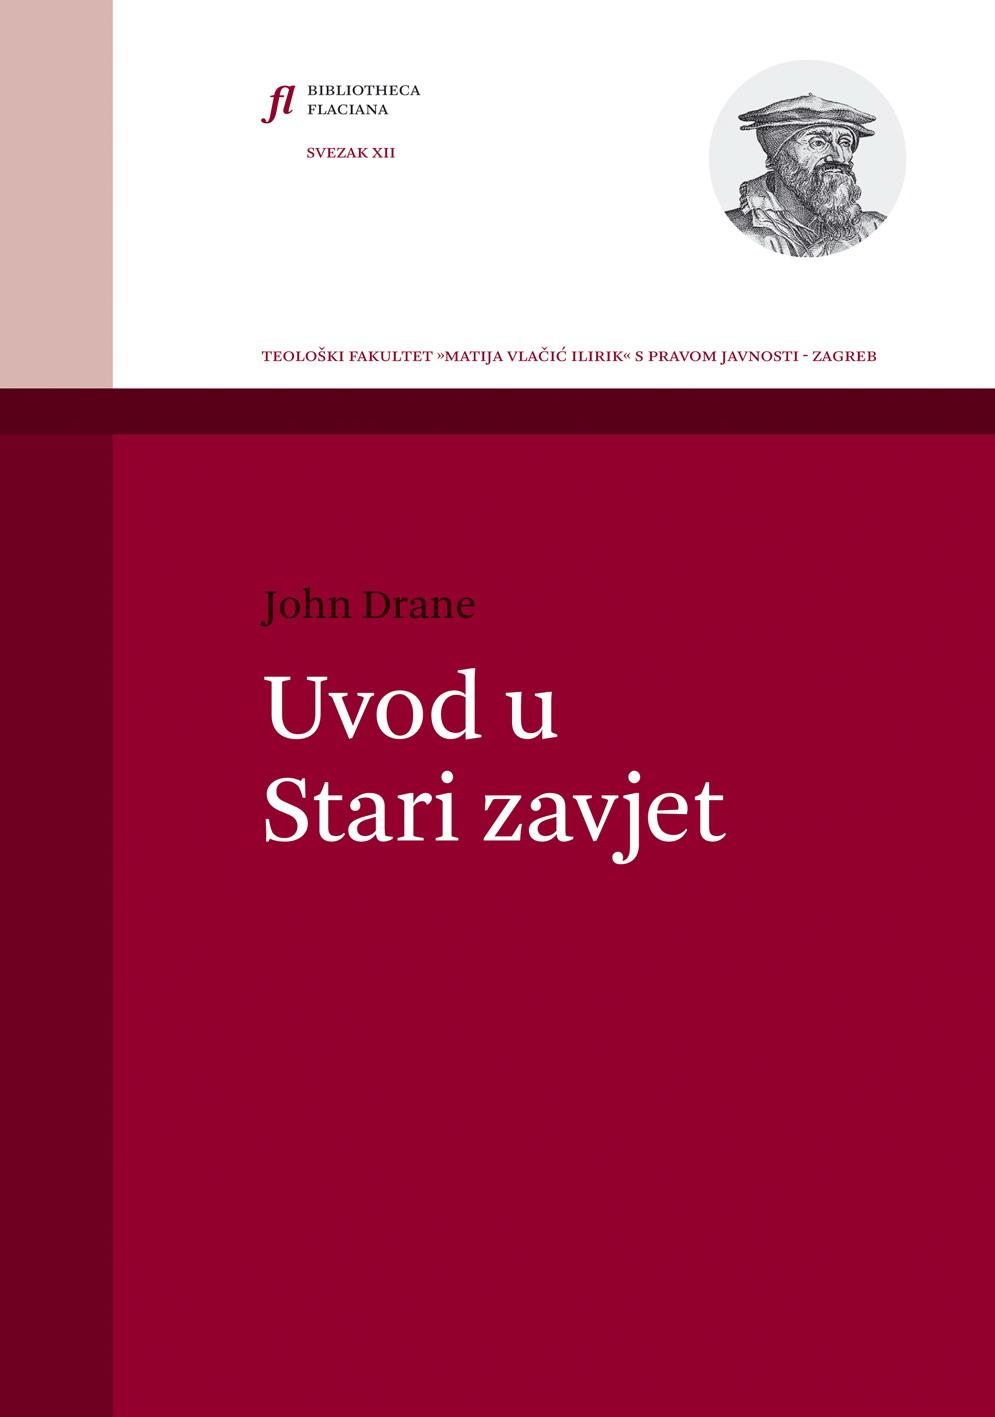 Naslovnica knjige Uvod u Stari zavjet